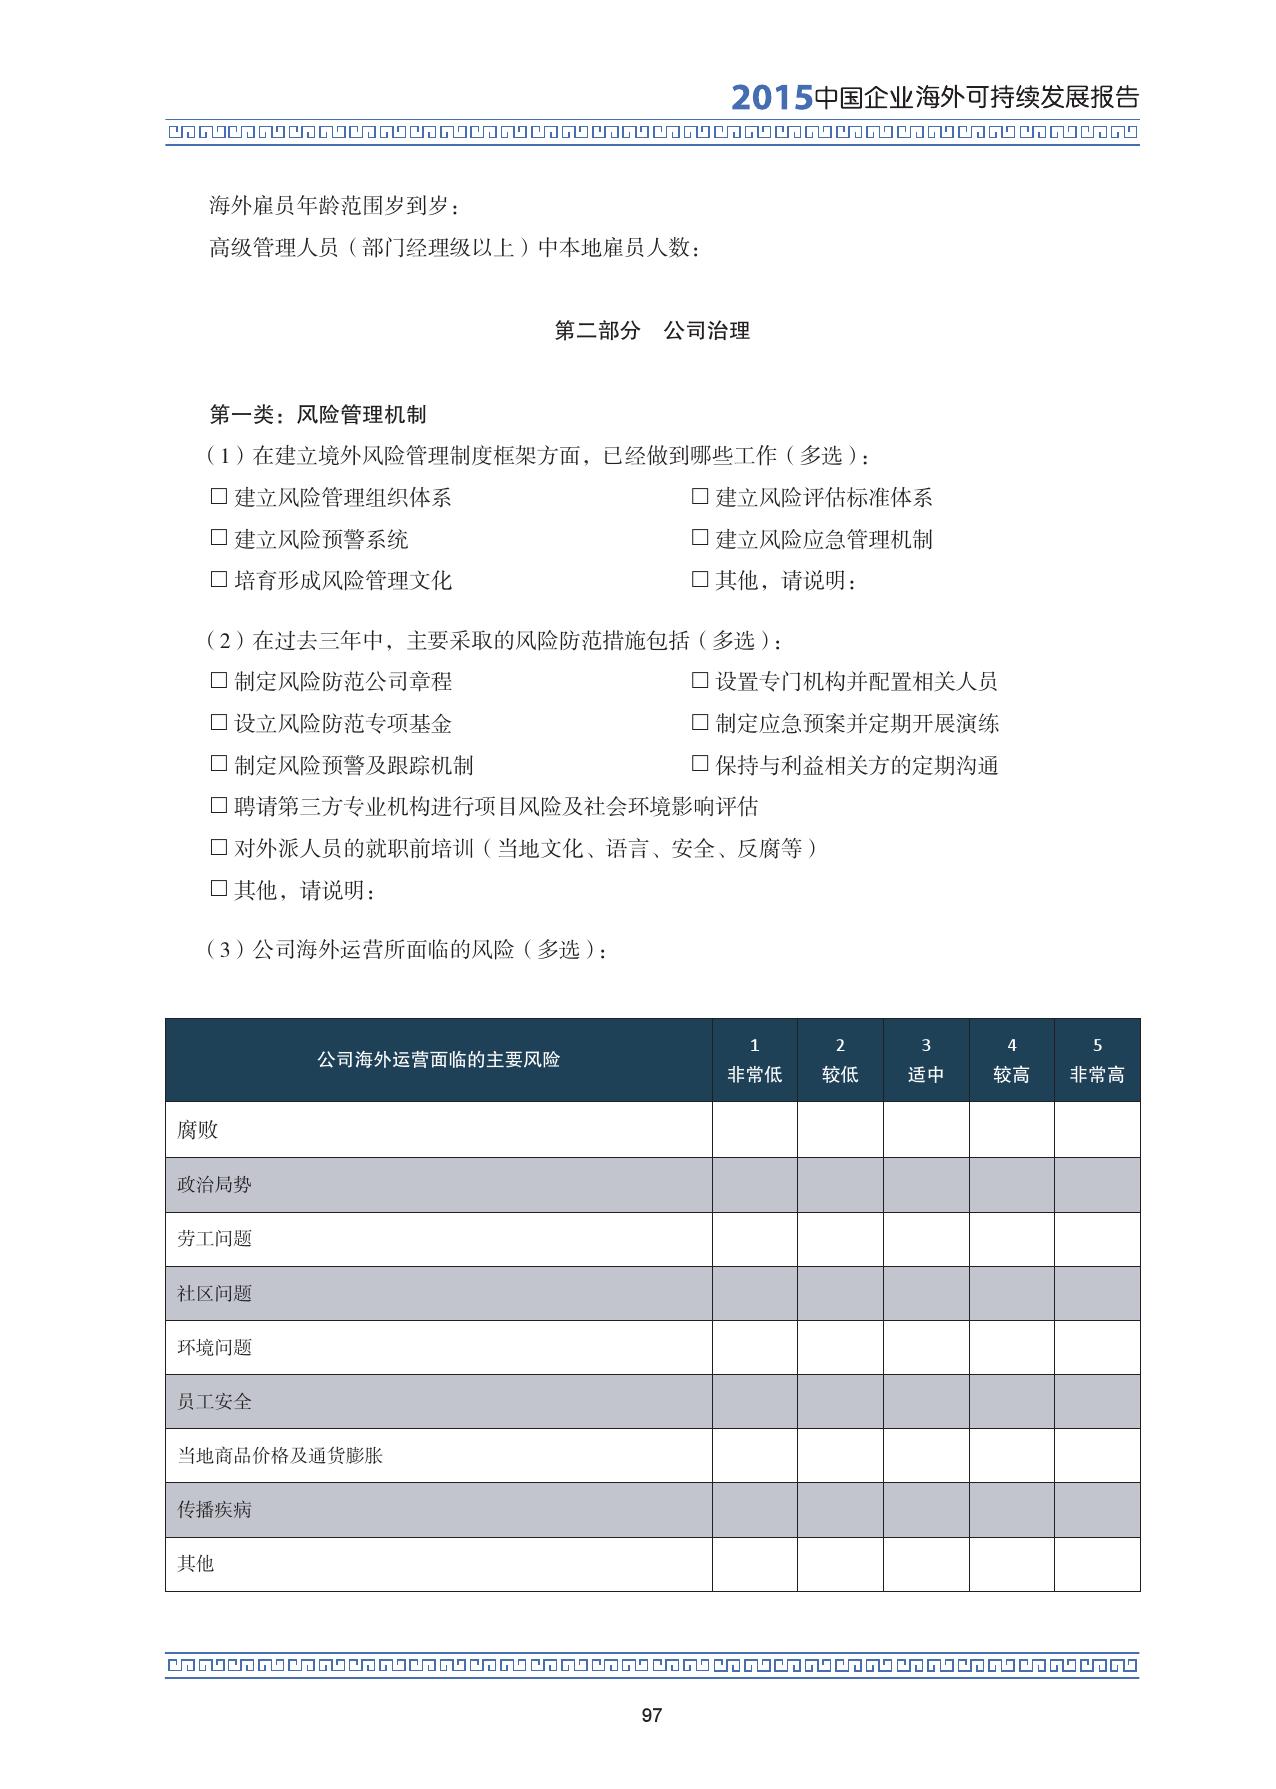 2015中国企业海外可持续发展报告_000111